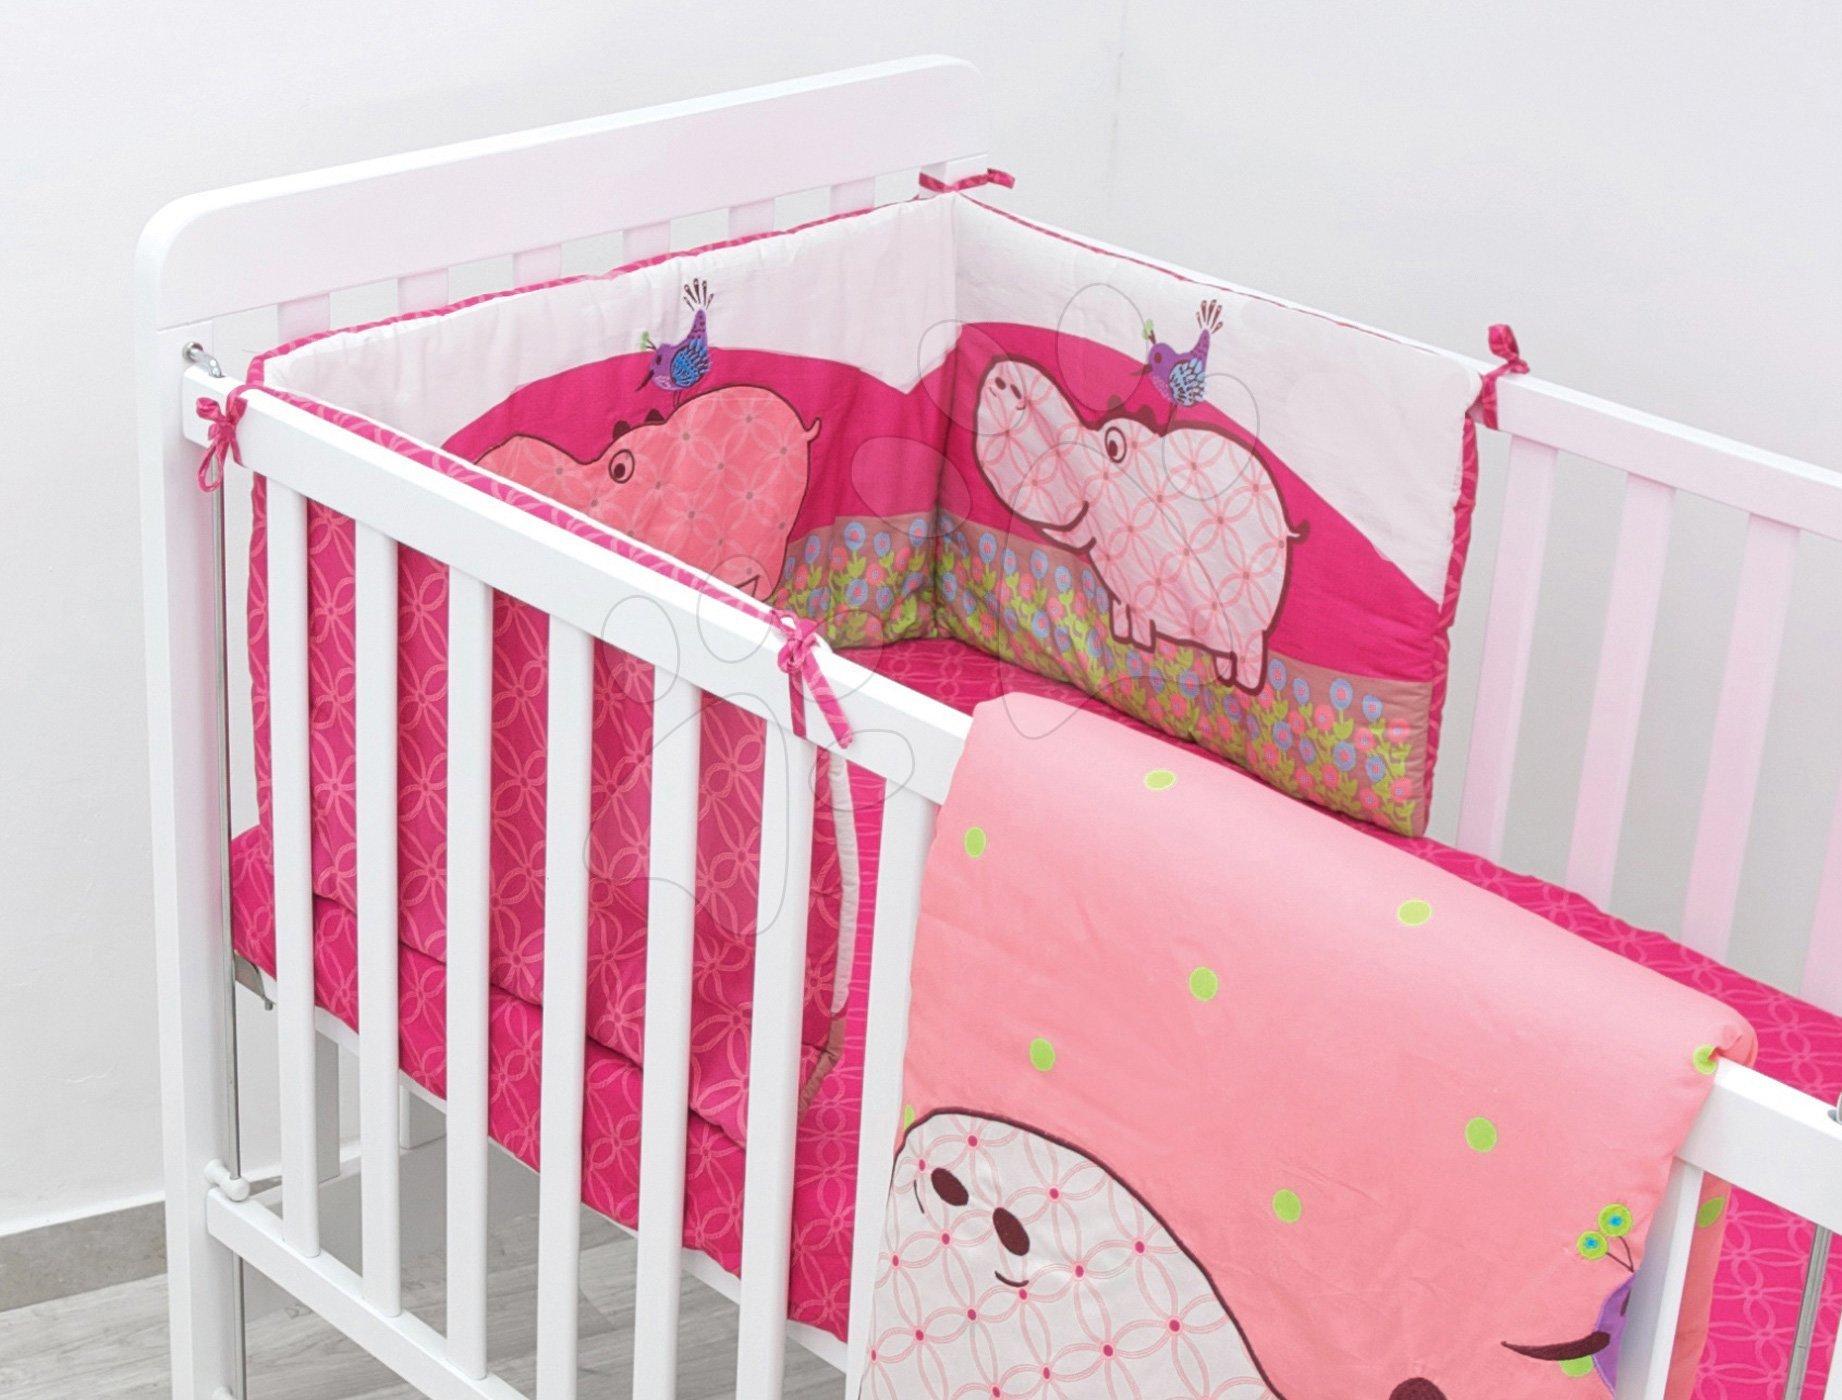 Gnezdo za posteljico Sateen Hippo toT's-smarTrike povodni konj 100 % bombaž saten polnilo iz 100 % poliestra rožnato